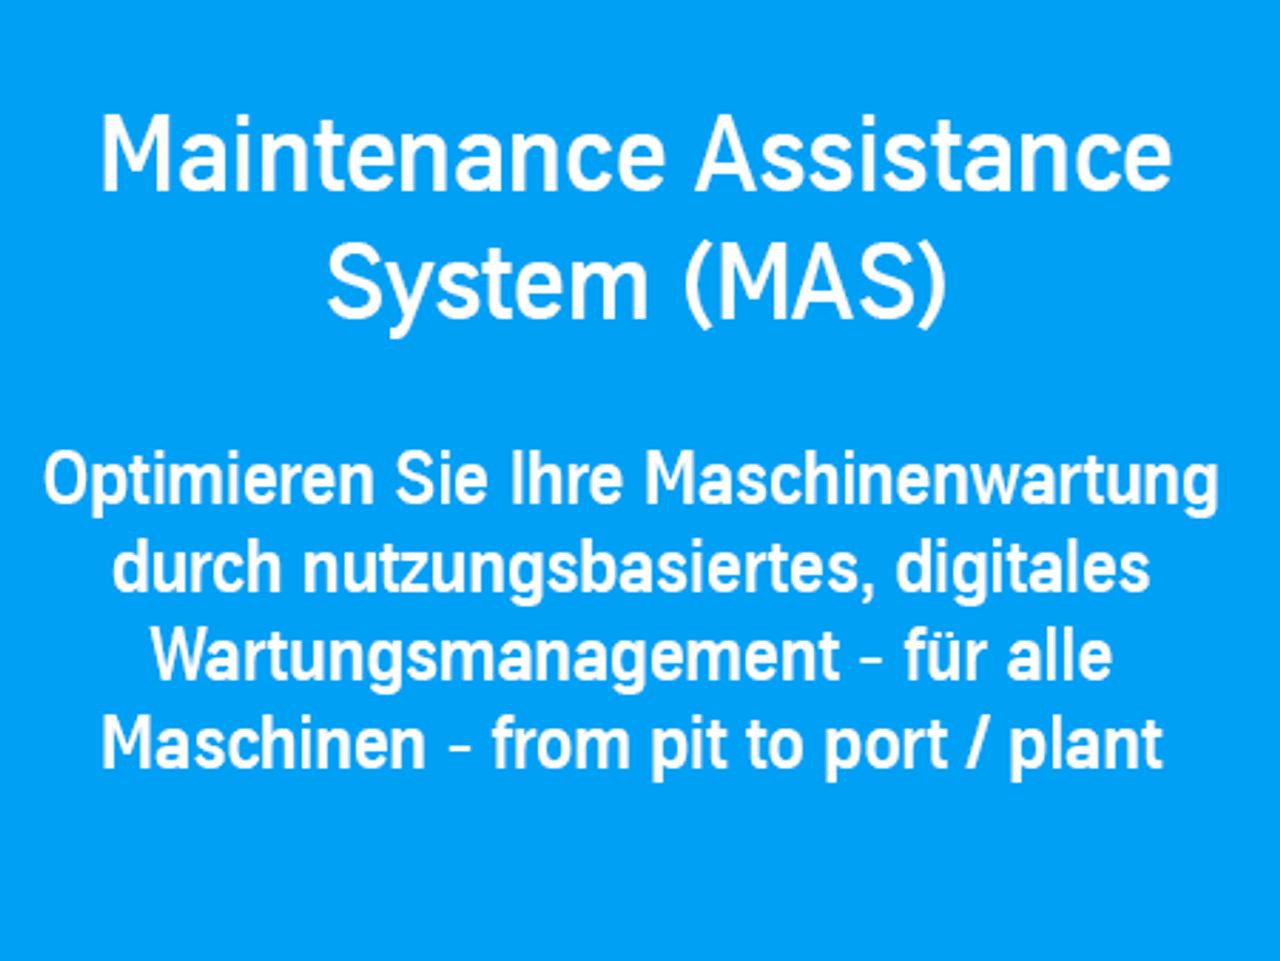 MAS: Optimieren Sie Ihre Maschinenwartung durch nutzungsbasiertes, digitales Wartungsmanagement